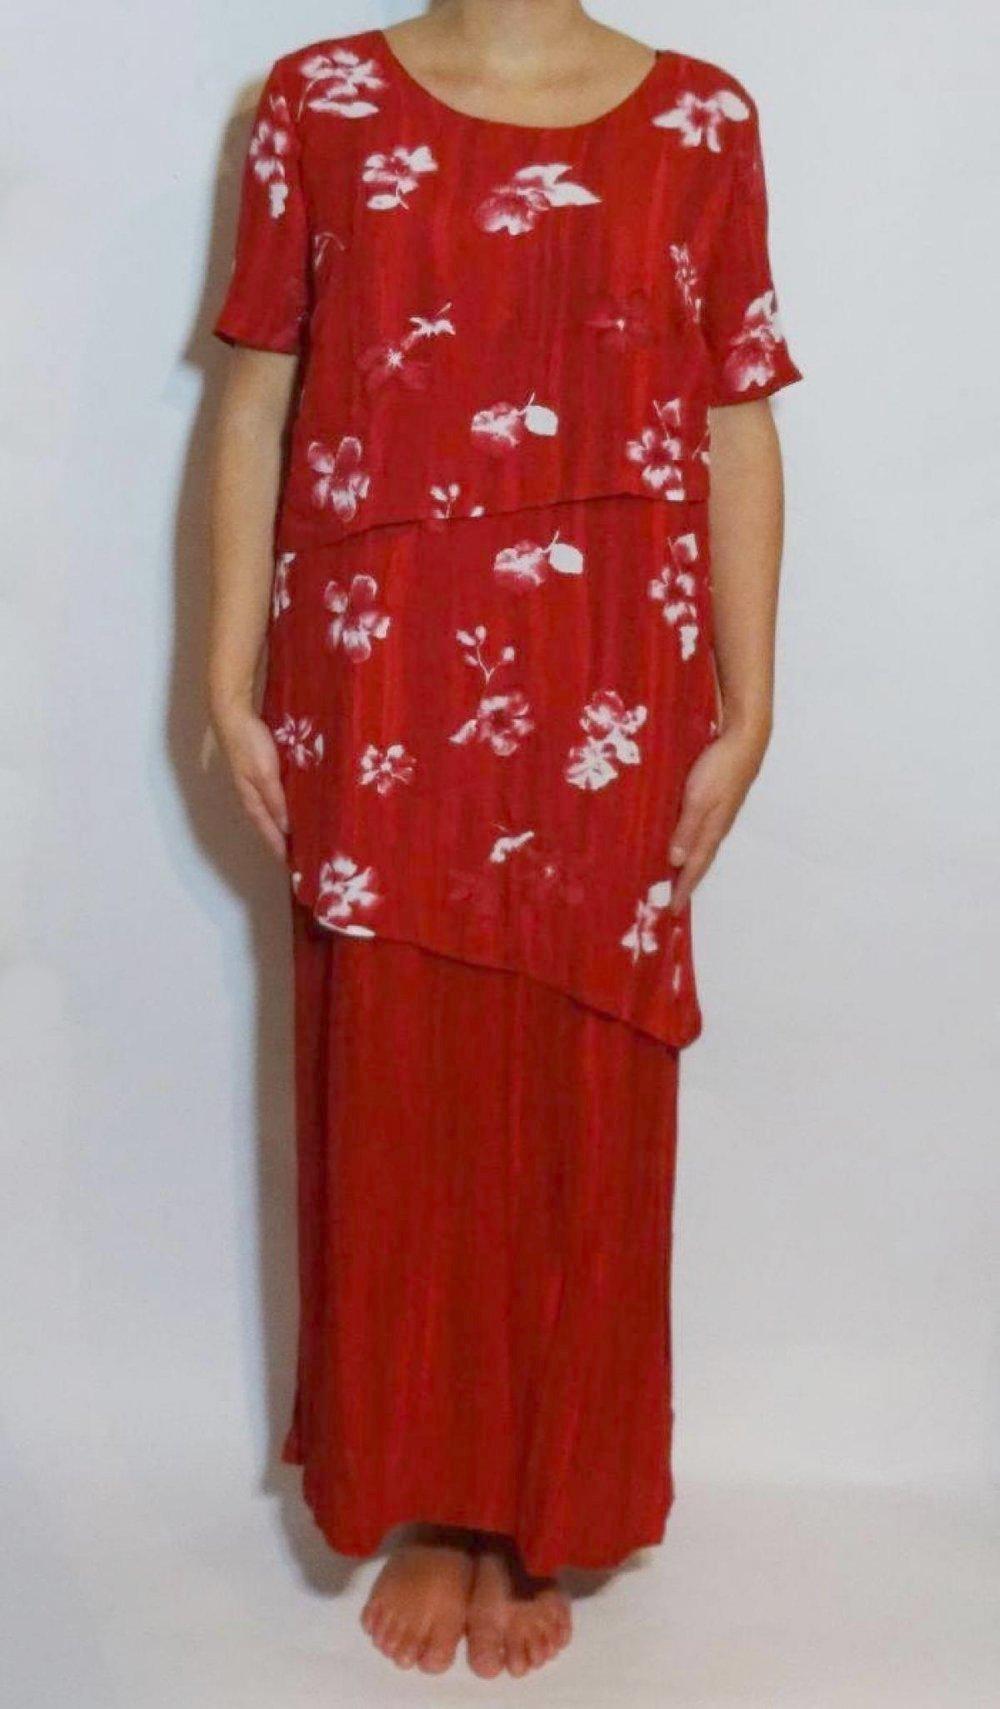 Jm Special Langes Rotes Kleid Stufenkleid 90er Jahre Vintage Floral Blumen Maxikleid Gr 42 Gr M Kleiderkorb De